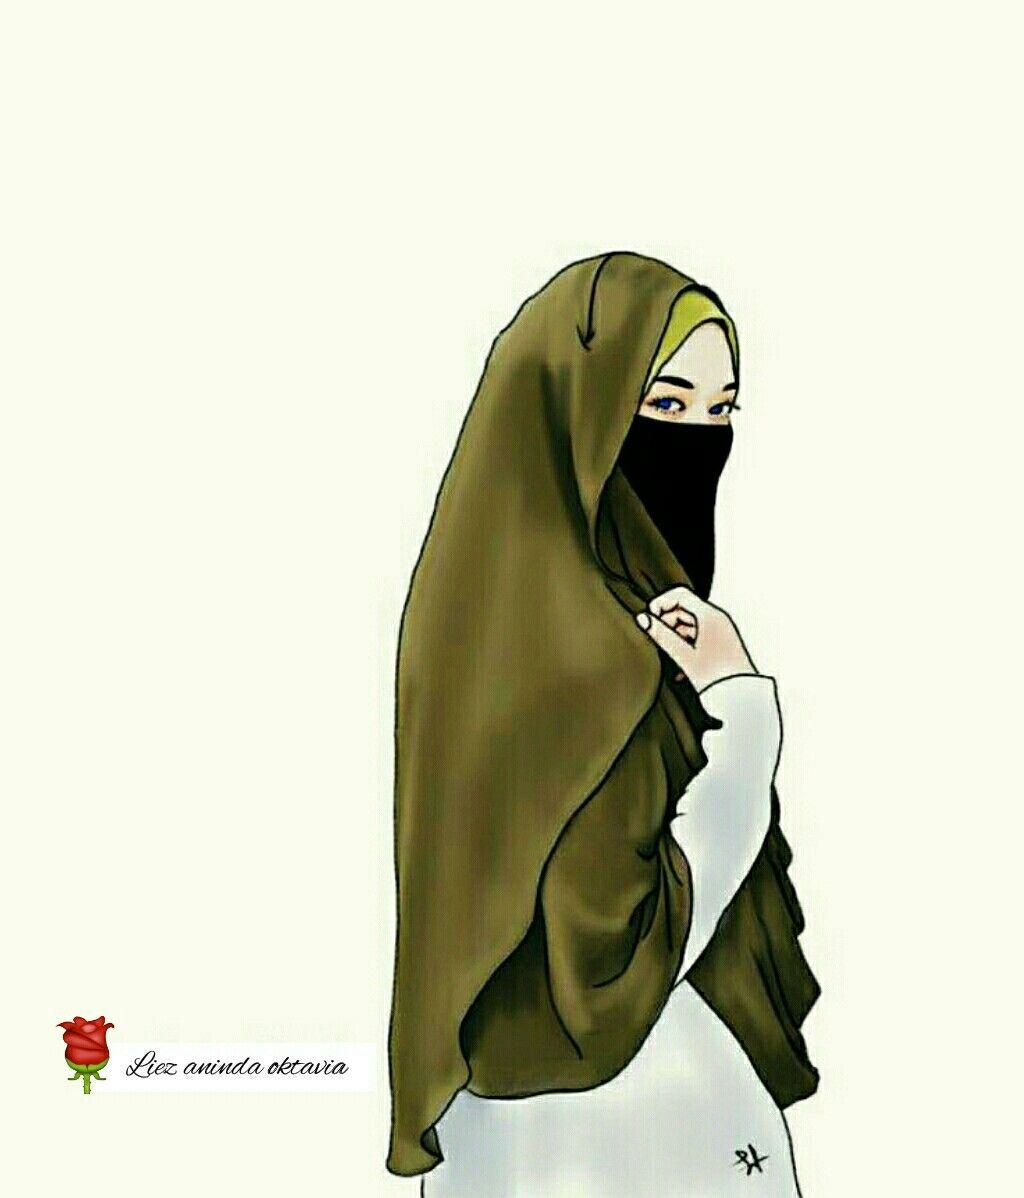 Kartun Oleh Tsaltsarm Di Barakallah